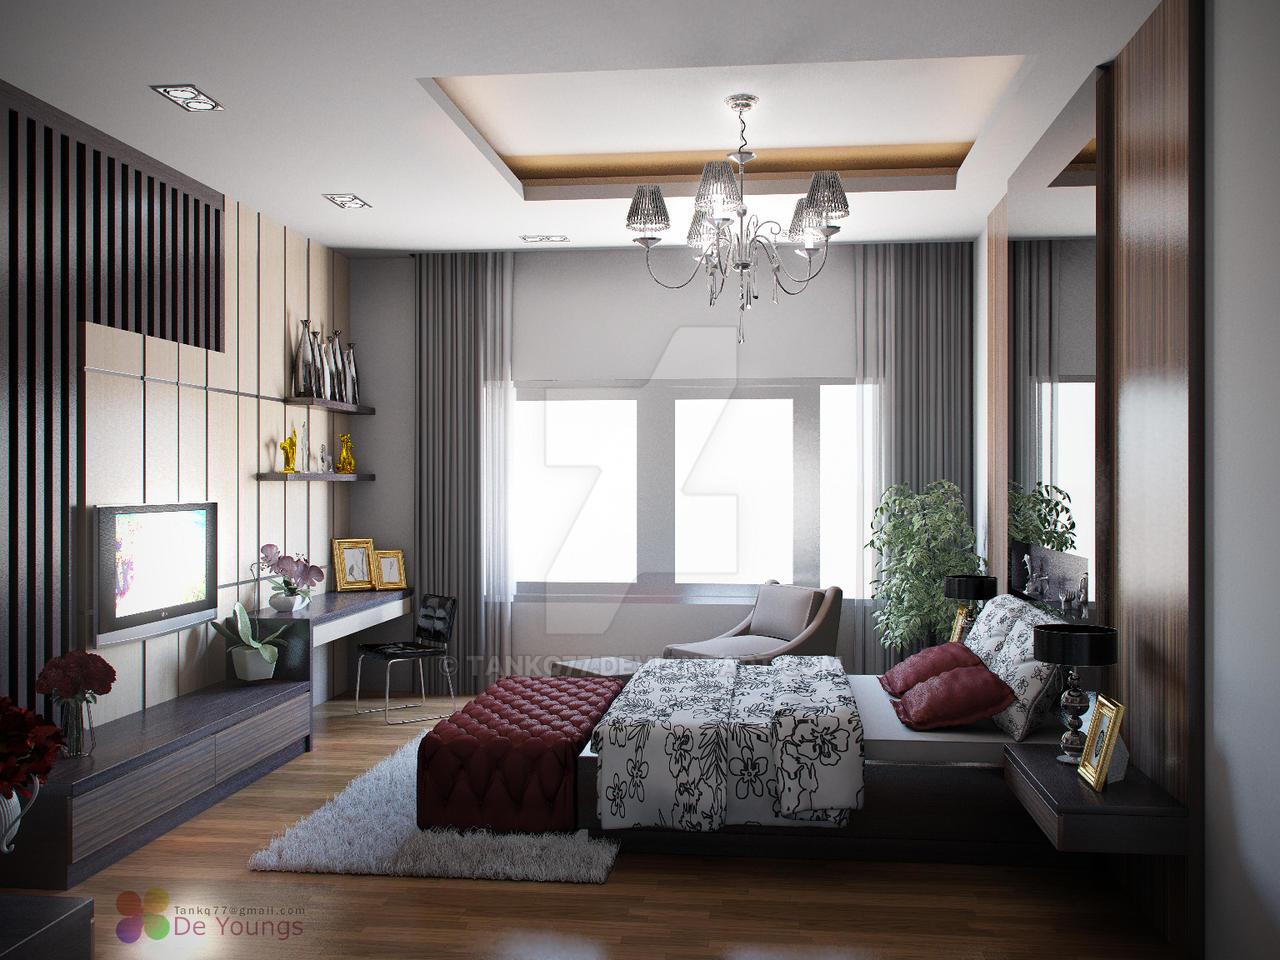 MASTER BEDROOM DESIGN, MEDAN by TANKQ77